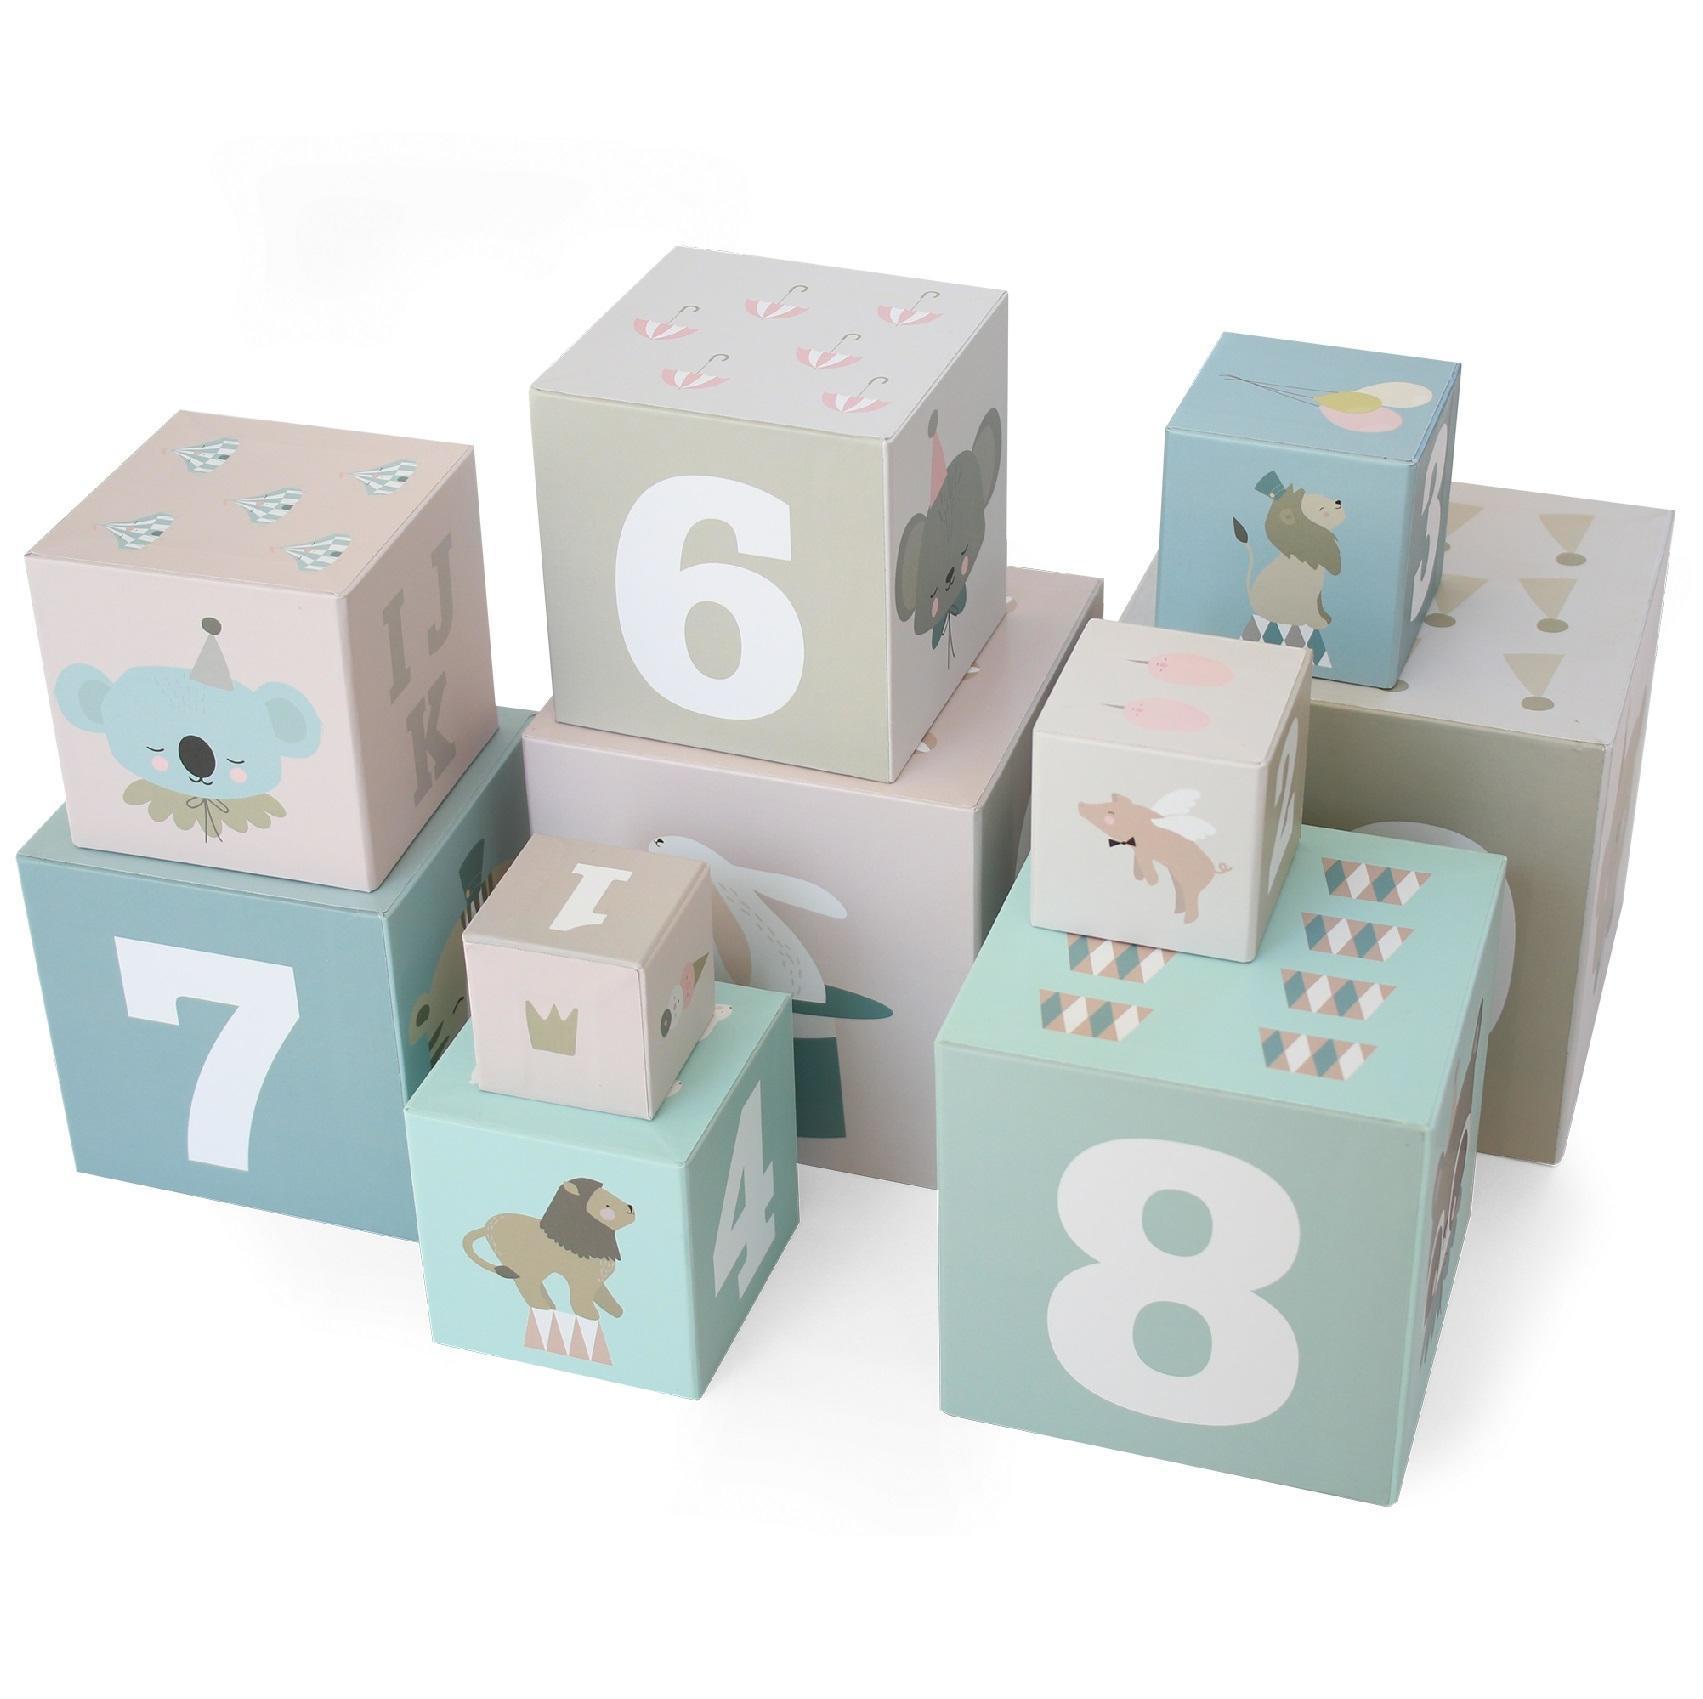 EEF lillemor Naučné papírové kostky Circus - set 10 ks, multi barva, papír